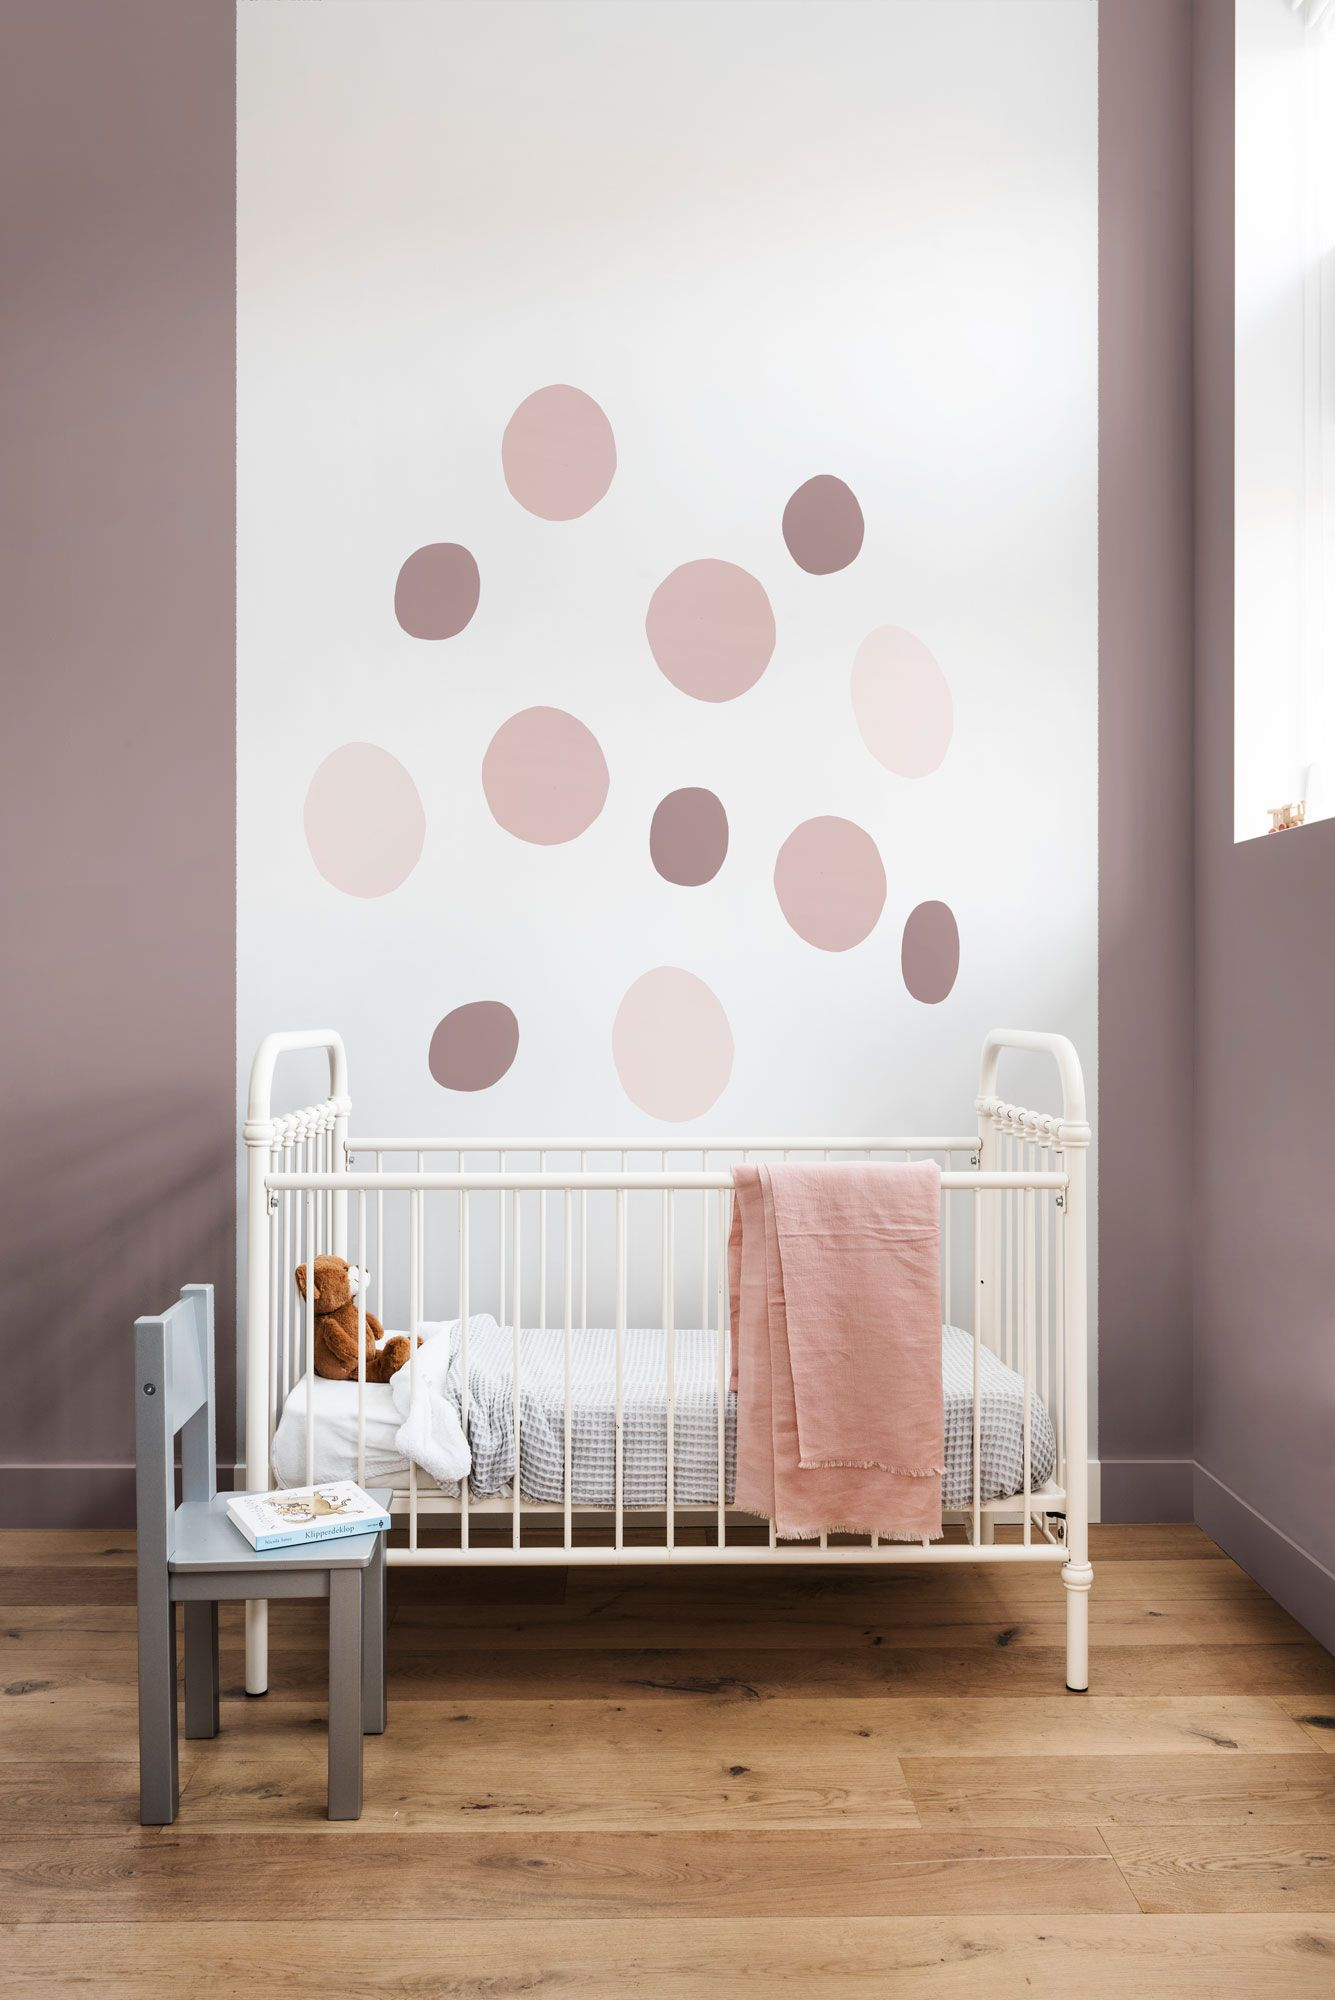 Cómo pintar formas ovaladas en la pared